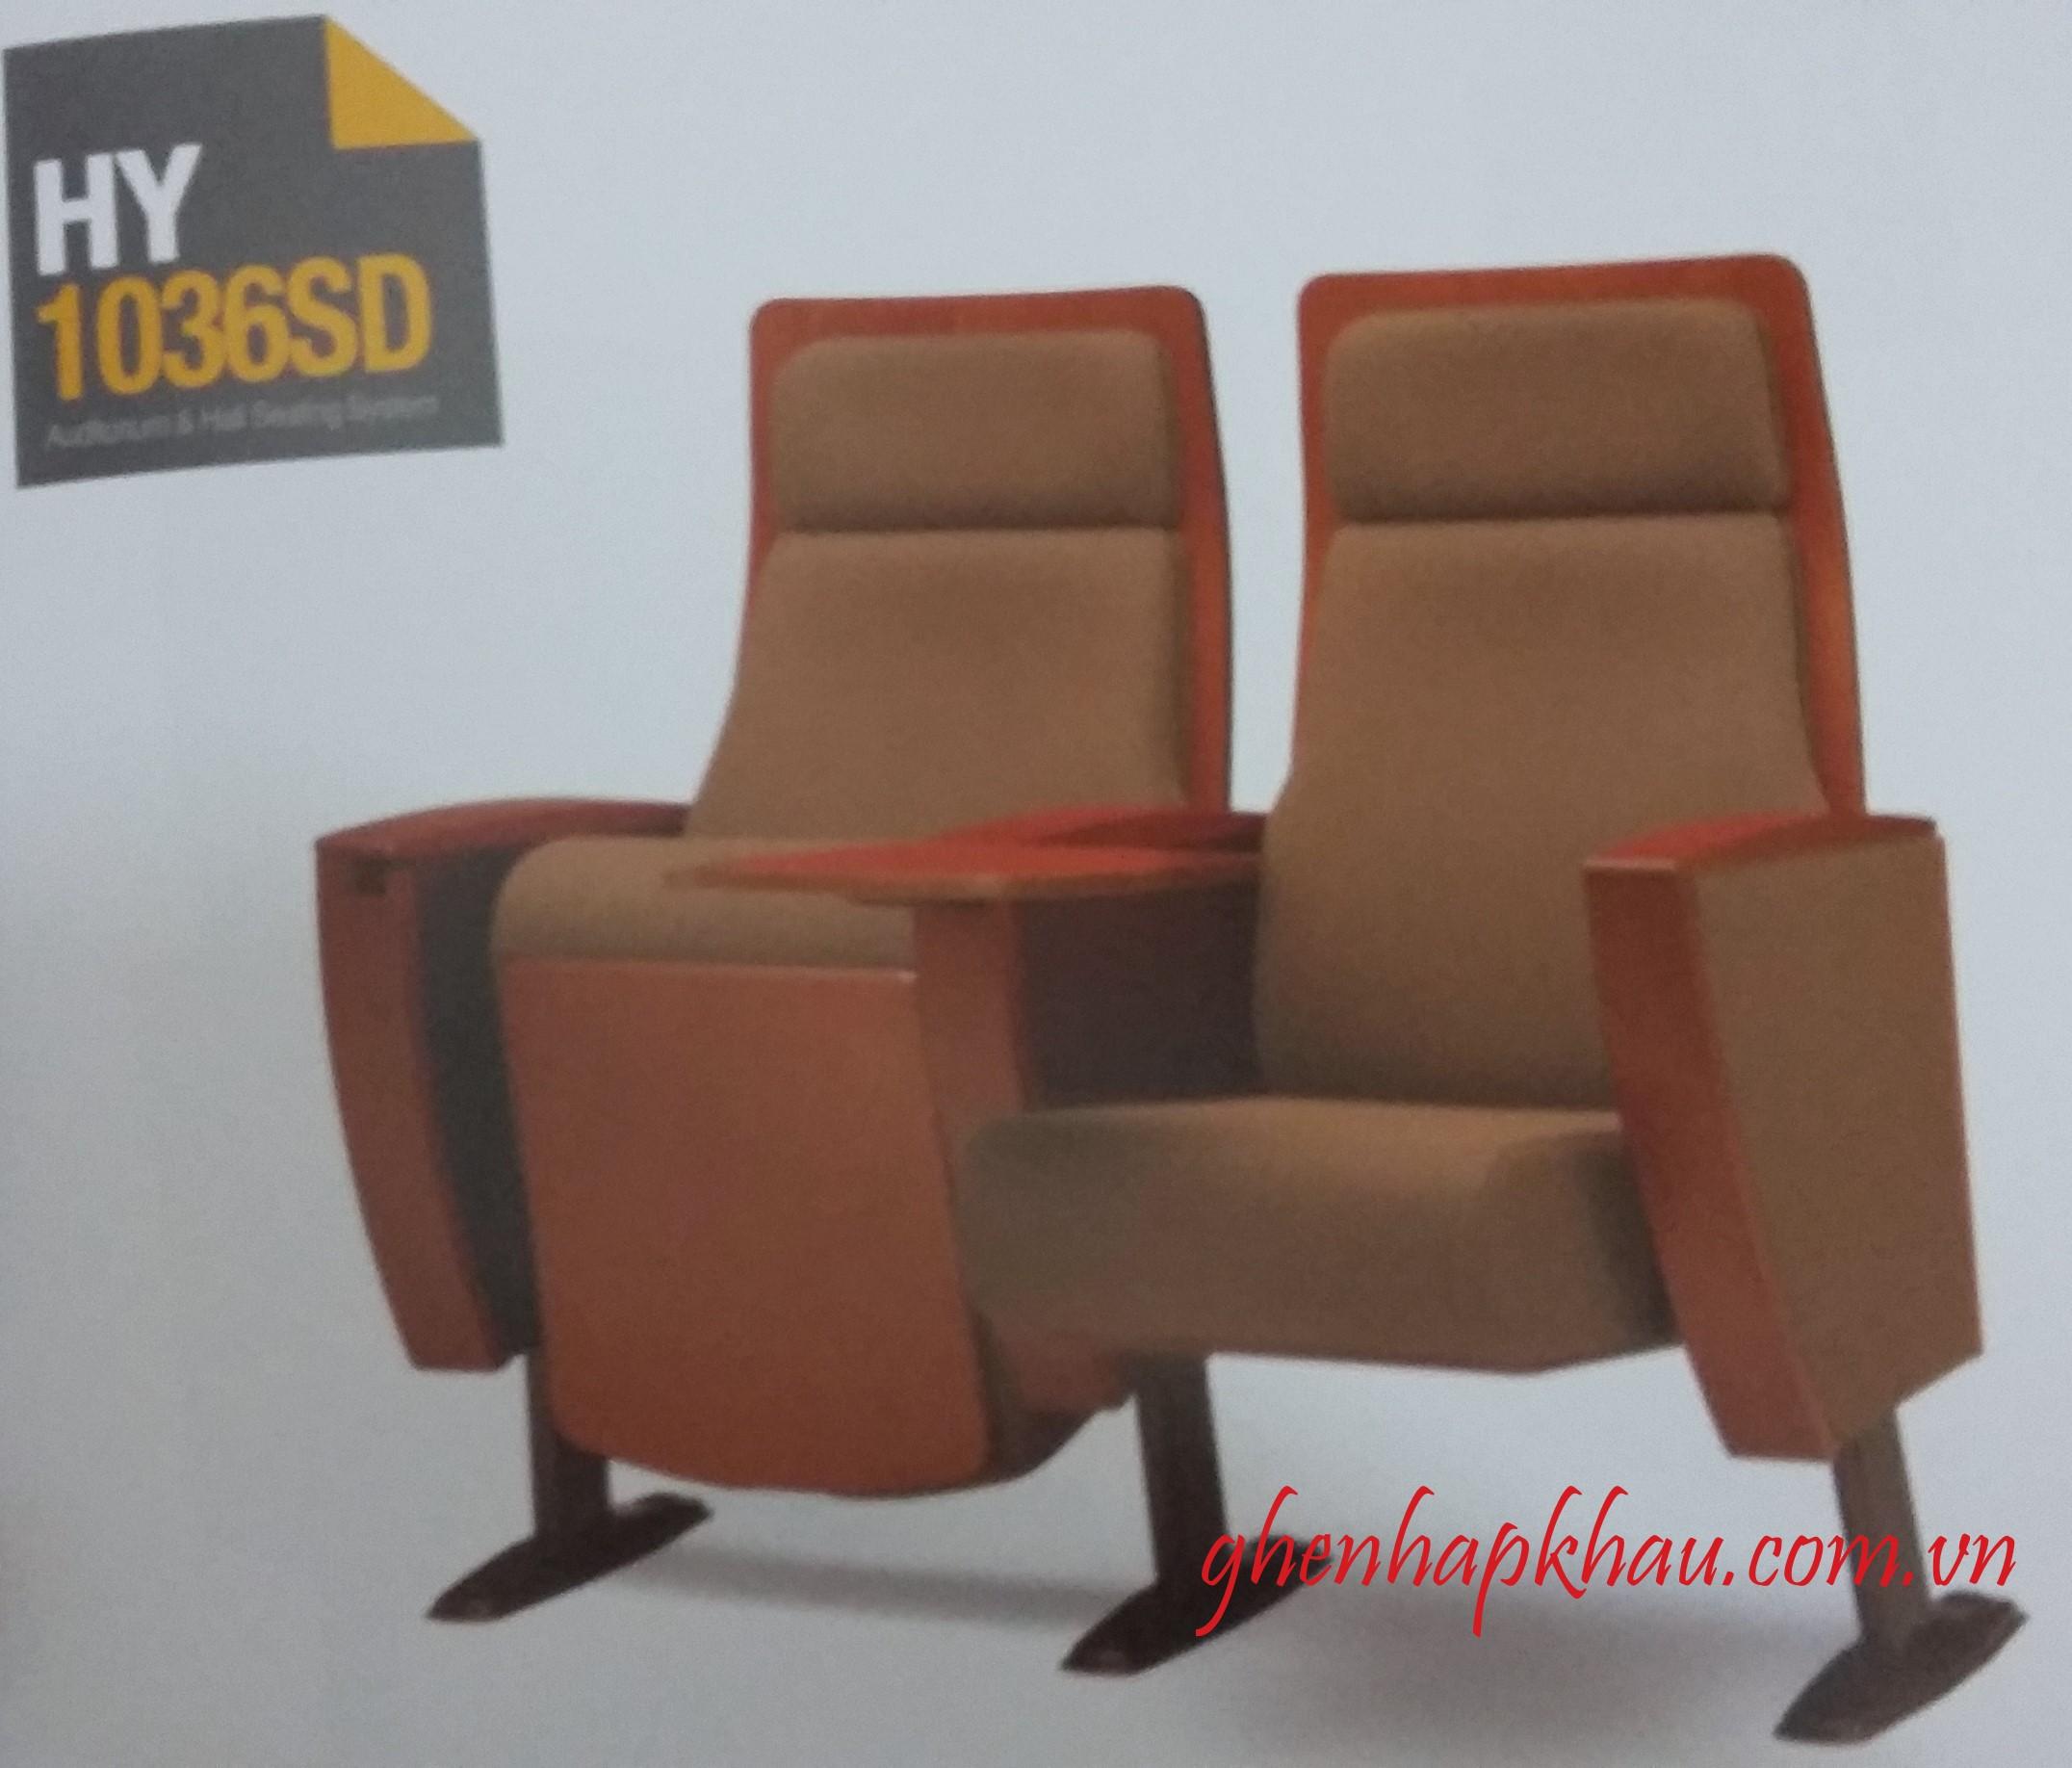 Ghế hội trường Hàn Quốc HY-1036SD